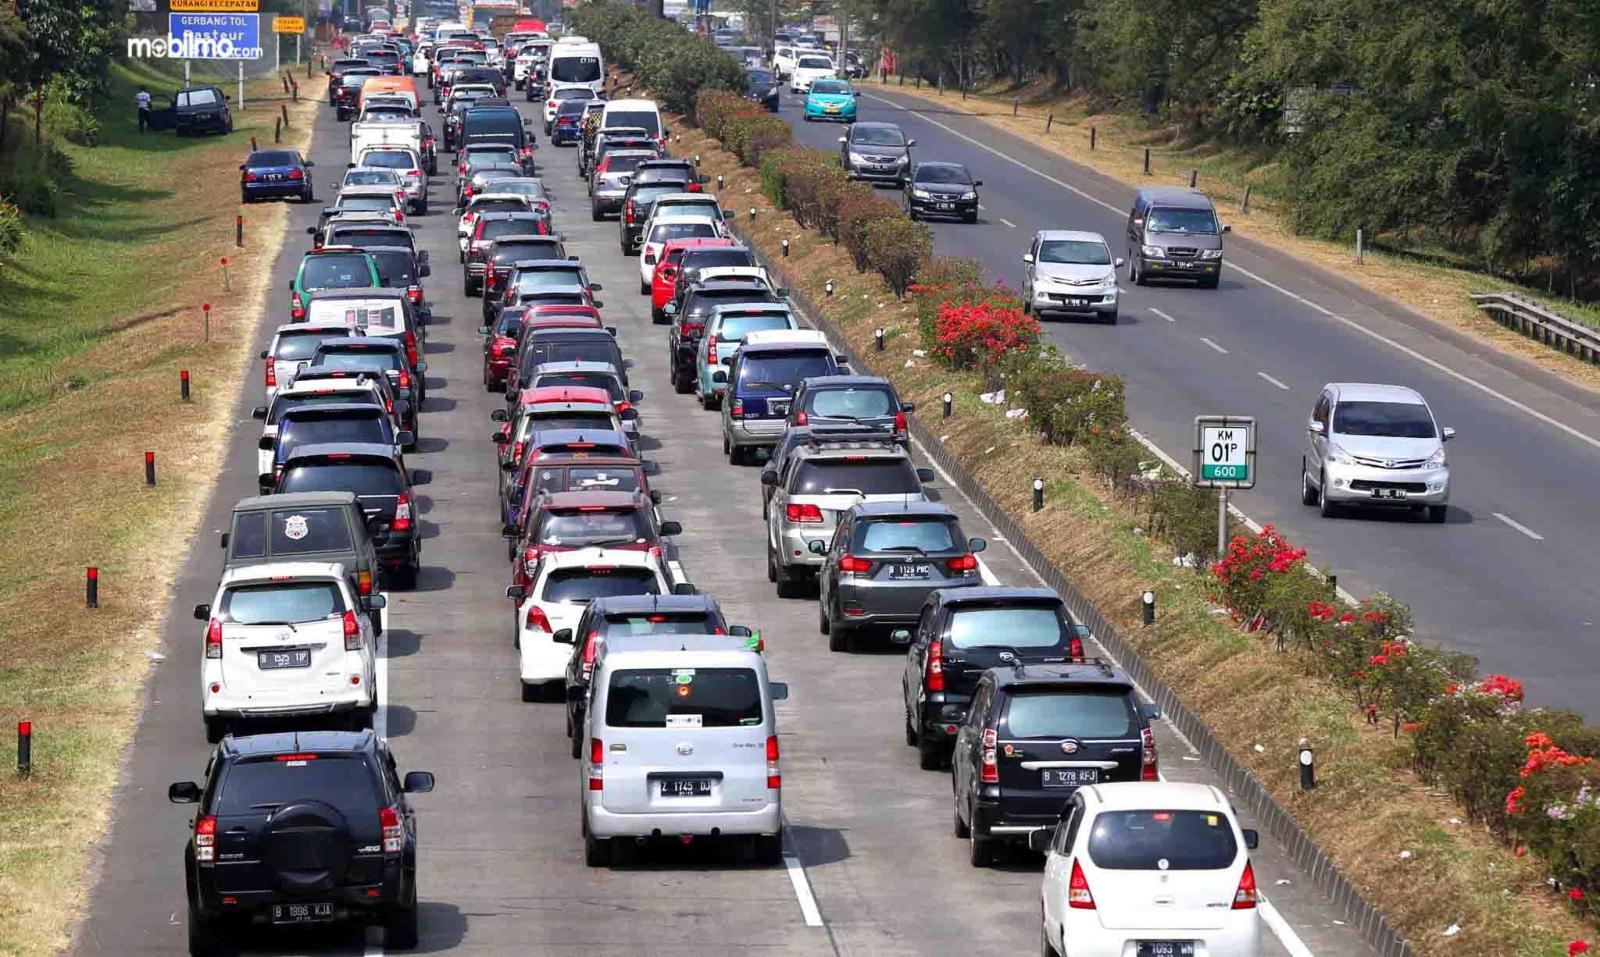 Foto kepadatan lalu lintas di jalan tol